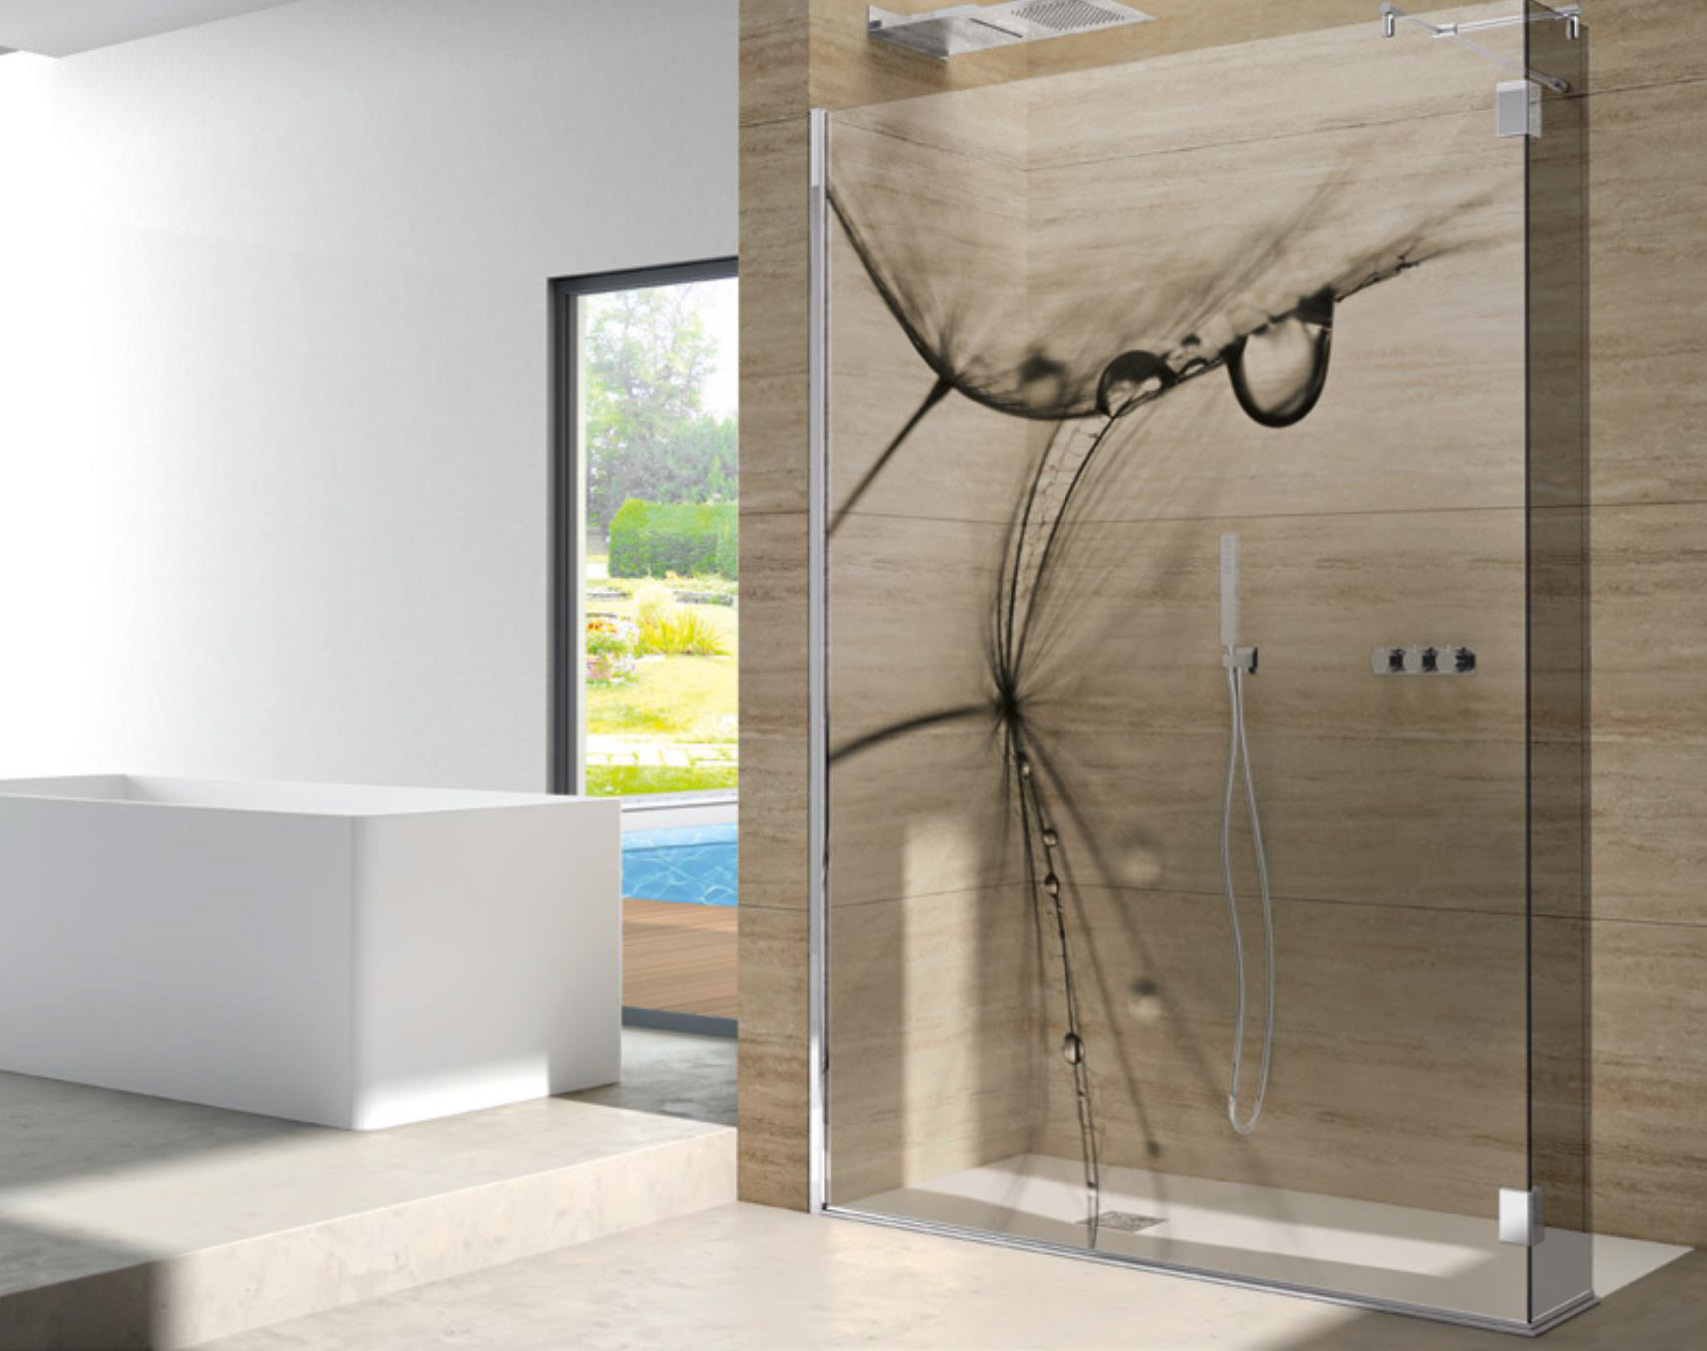 Bagno48 - Il tuo nuovo bagno in sole 48 ore